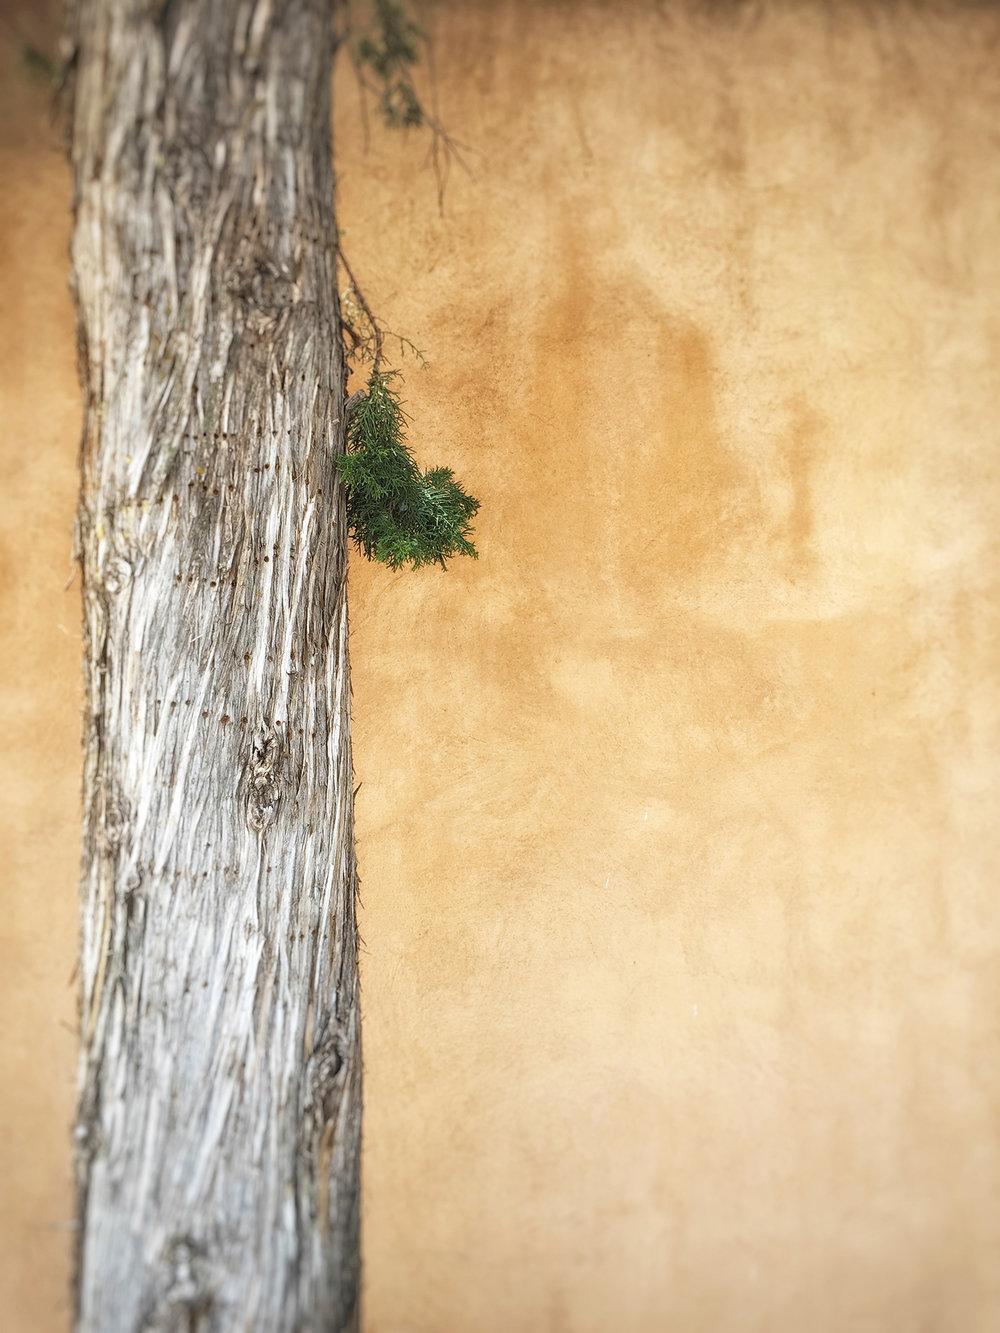 Solitary in Santa Fe